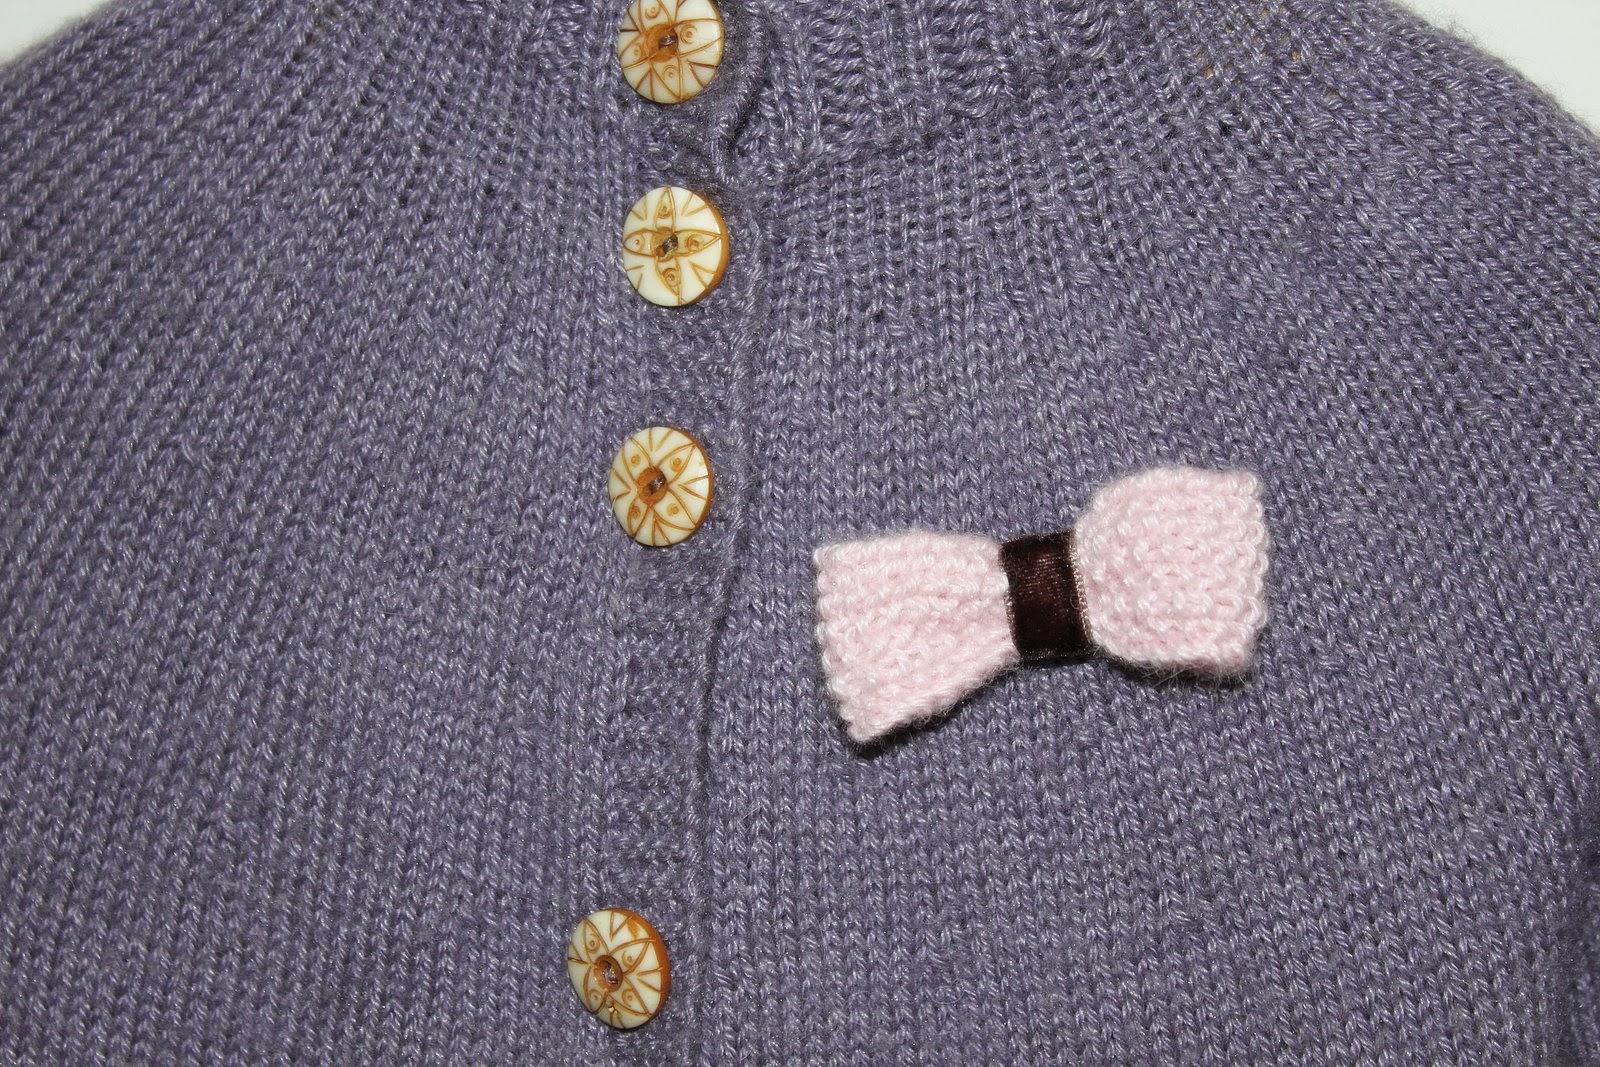 076d0ea80f6 Kaunistuseks lipsuke, mis samuti BabyAlpaca Silk roosast lõngast.